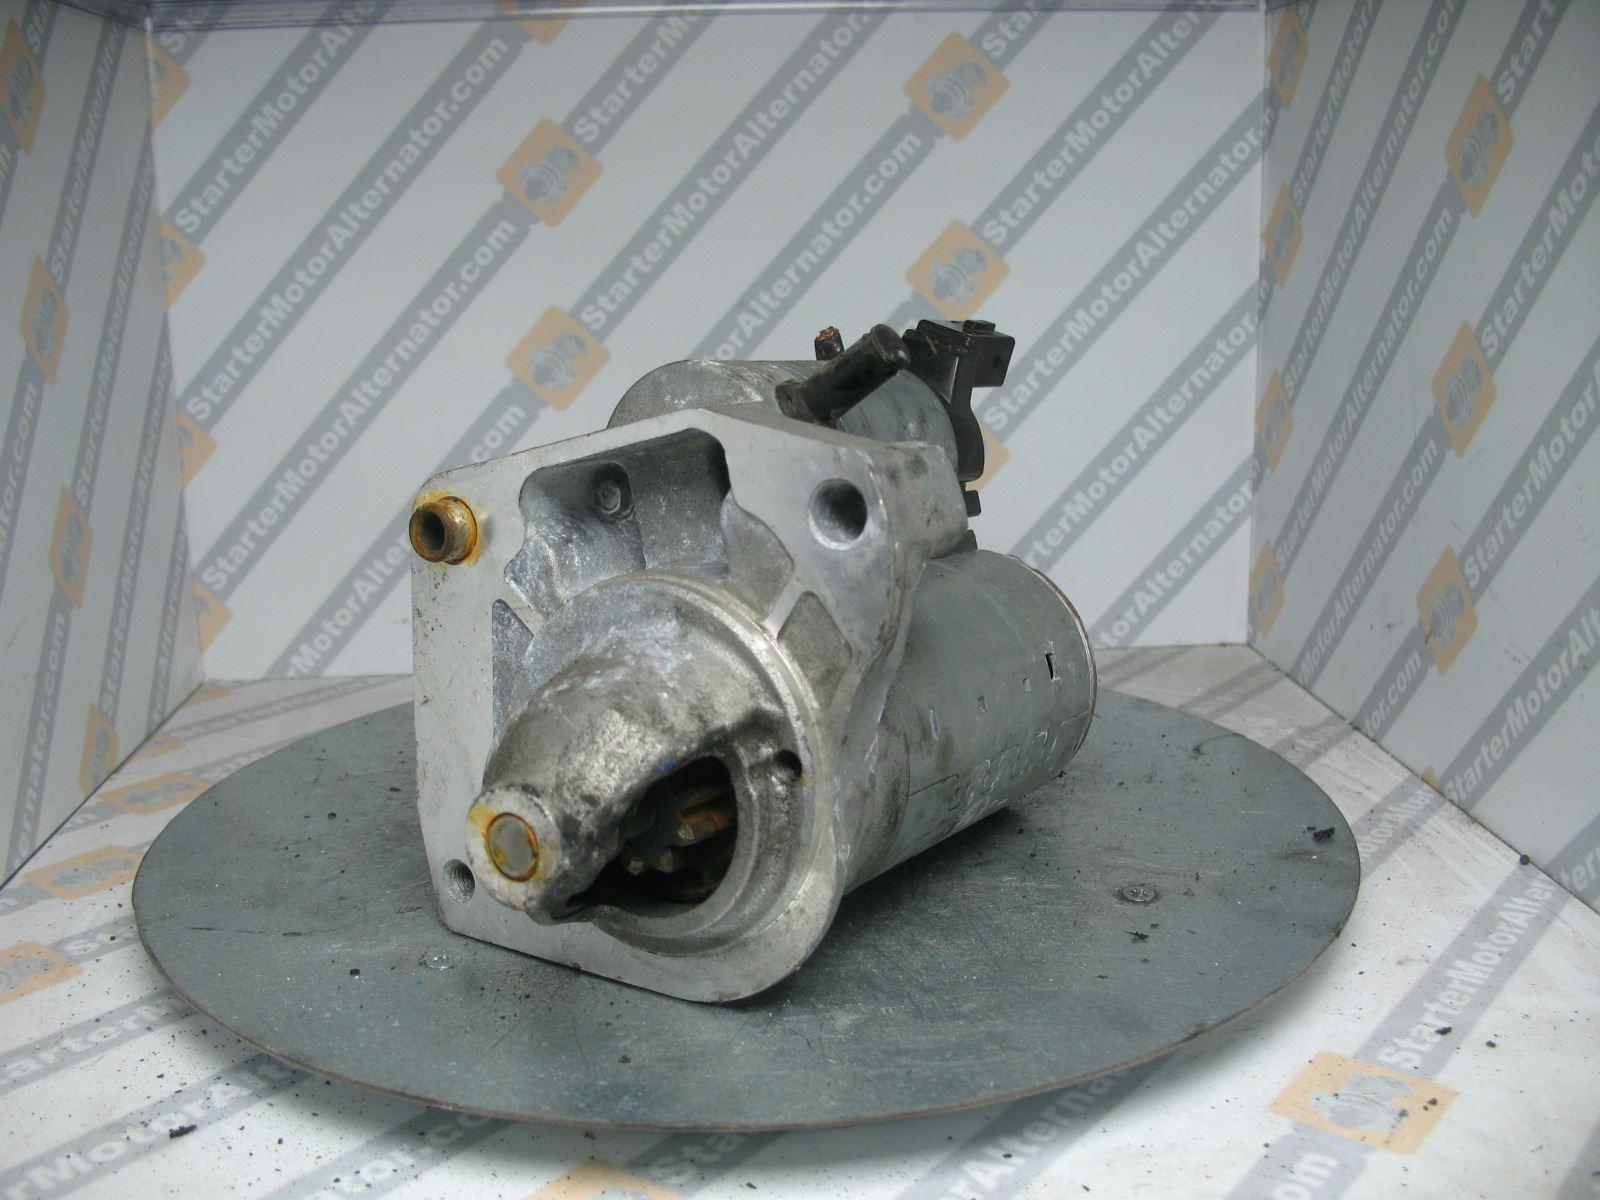 XIY3838 Starter Motor For Citroen / Opel / Peugeot / Vauxhall